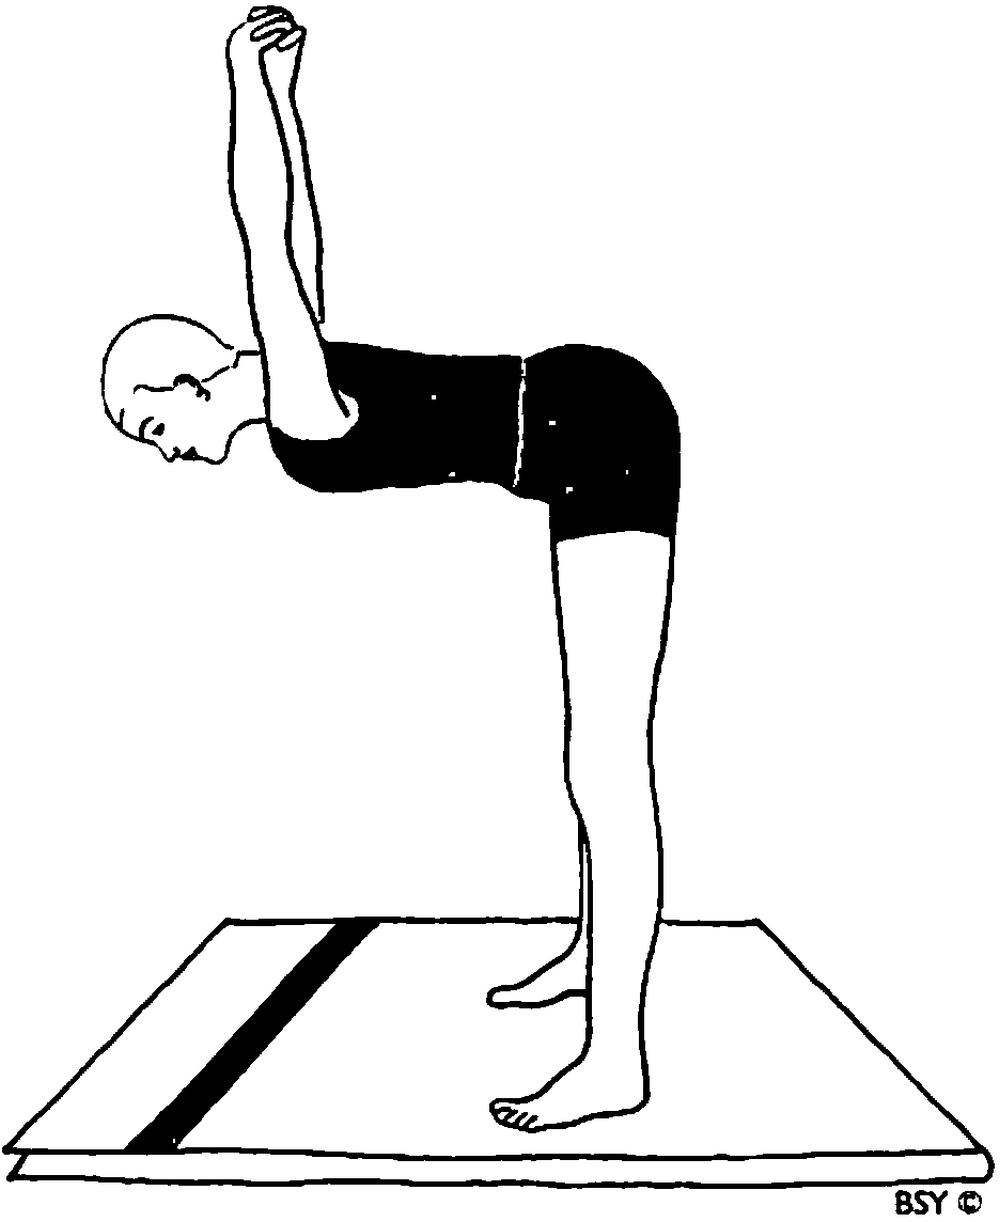 Dwikonasana (posizione del doppio angolo)